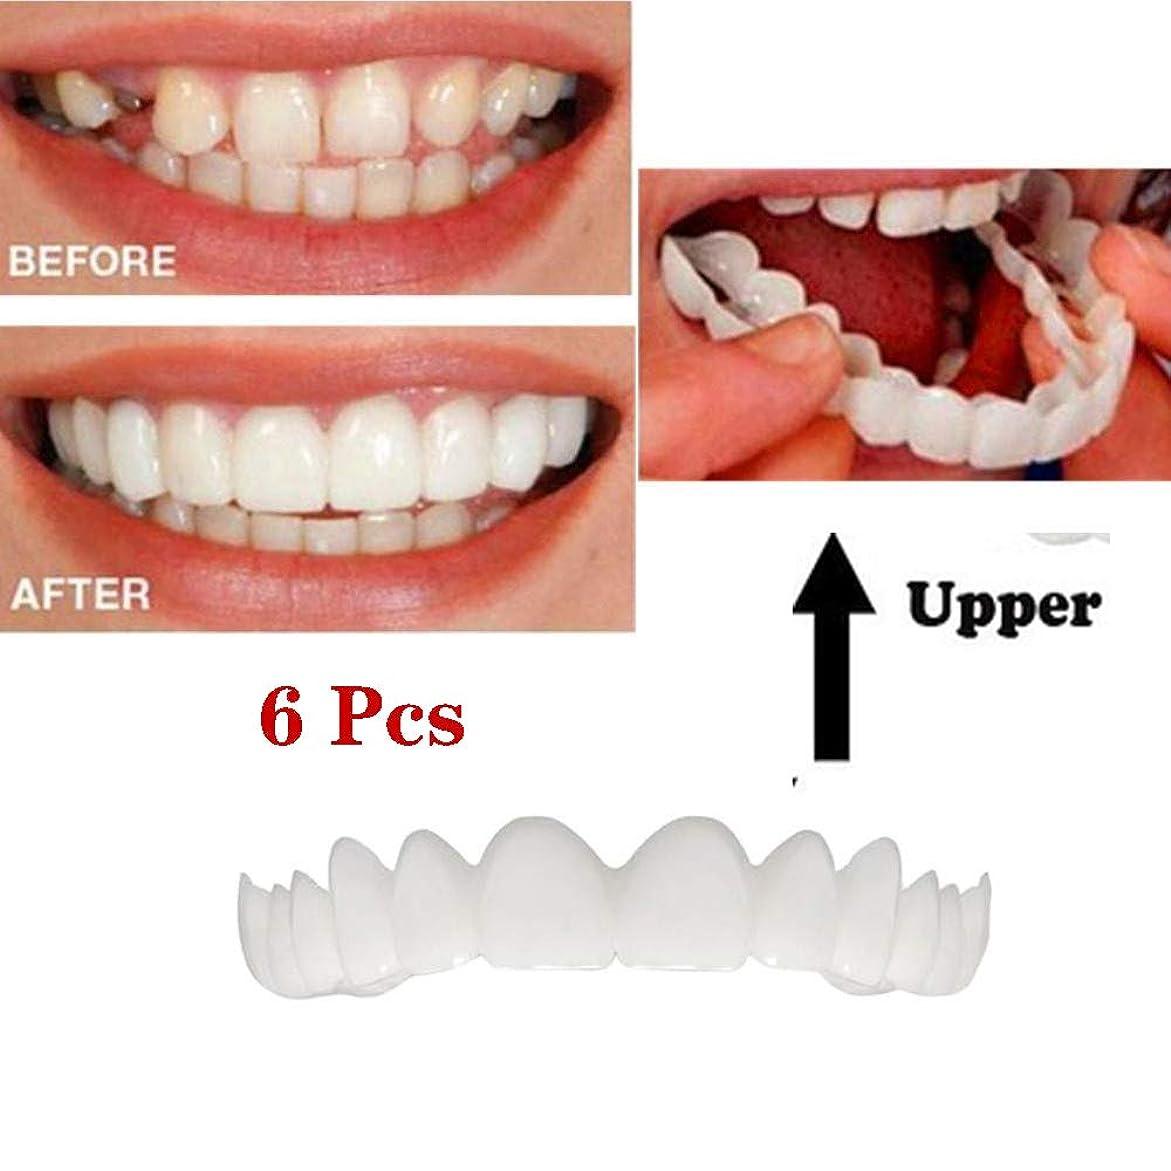 学校教育ワットスイ義歯口腔ケア歯ホワイトニング義歯口腔ケアアッパーブレース一時的な化粧品歯義歯 - 6本